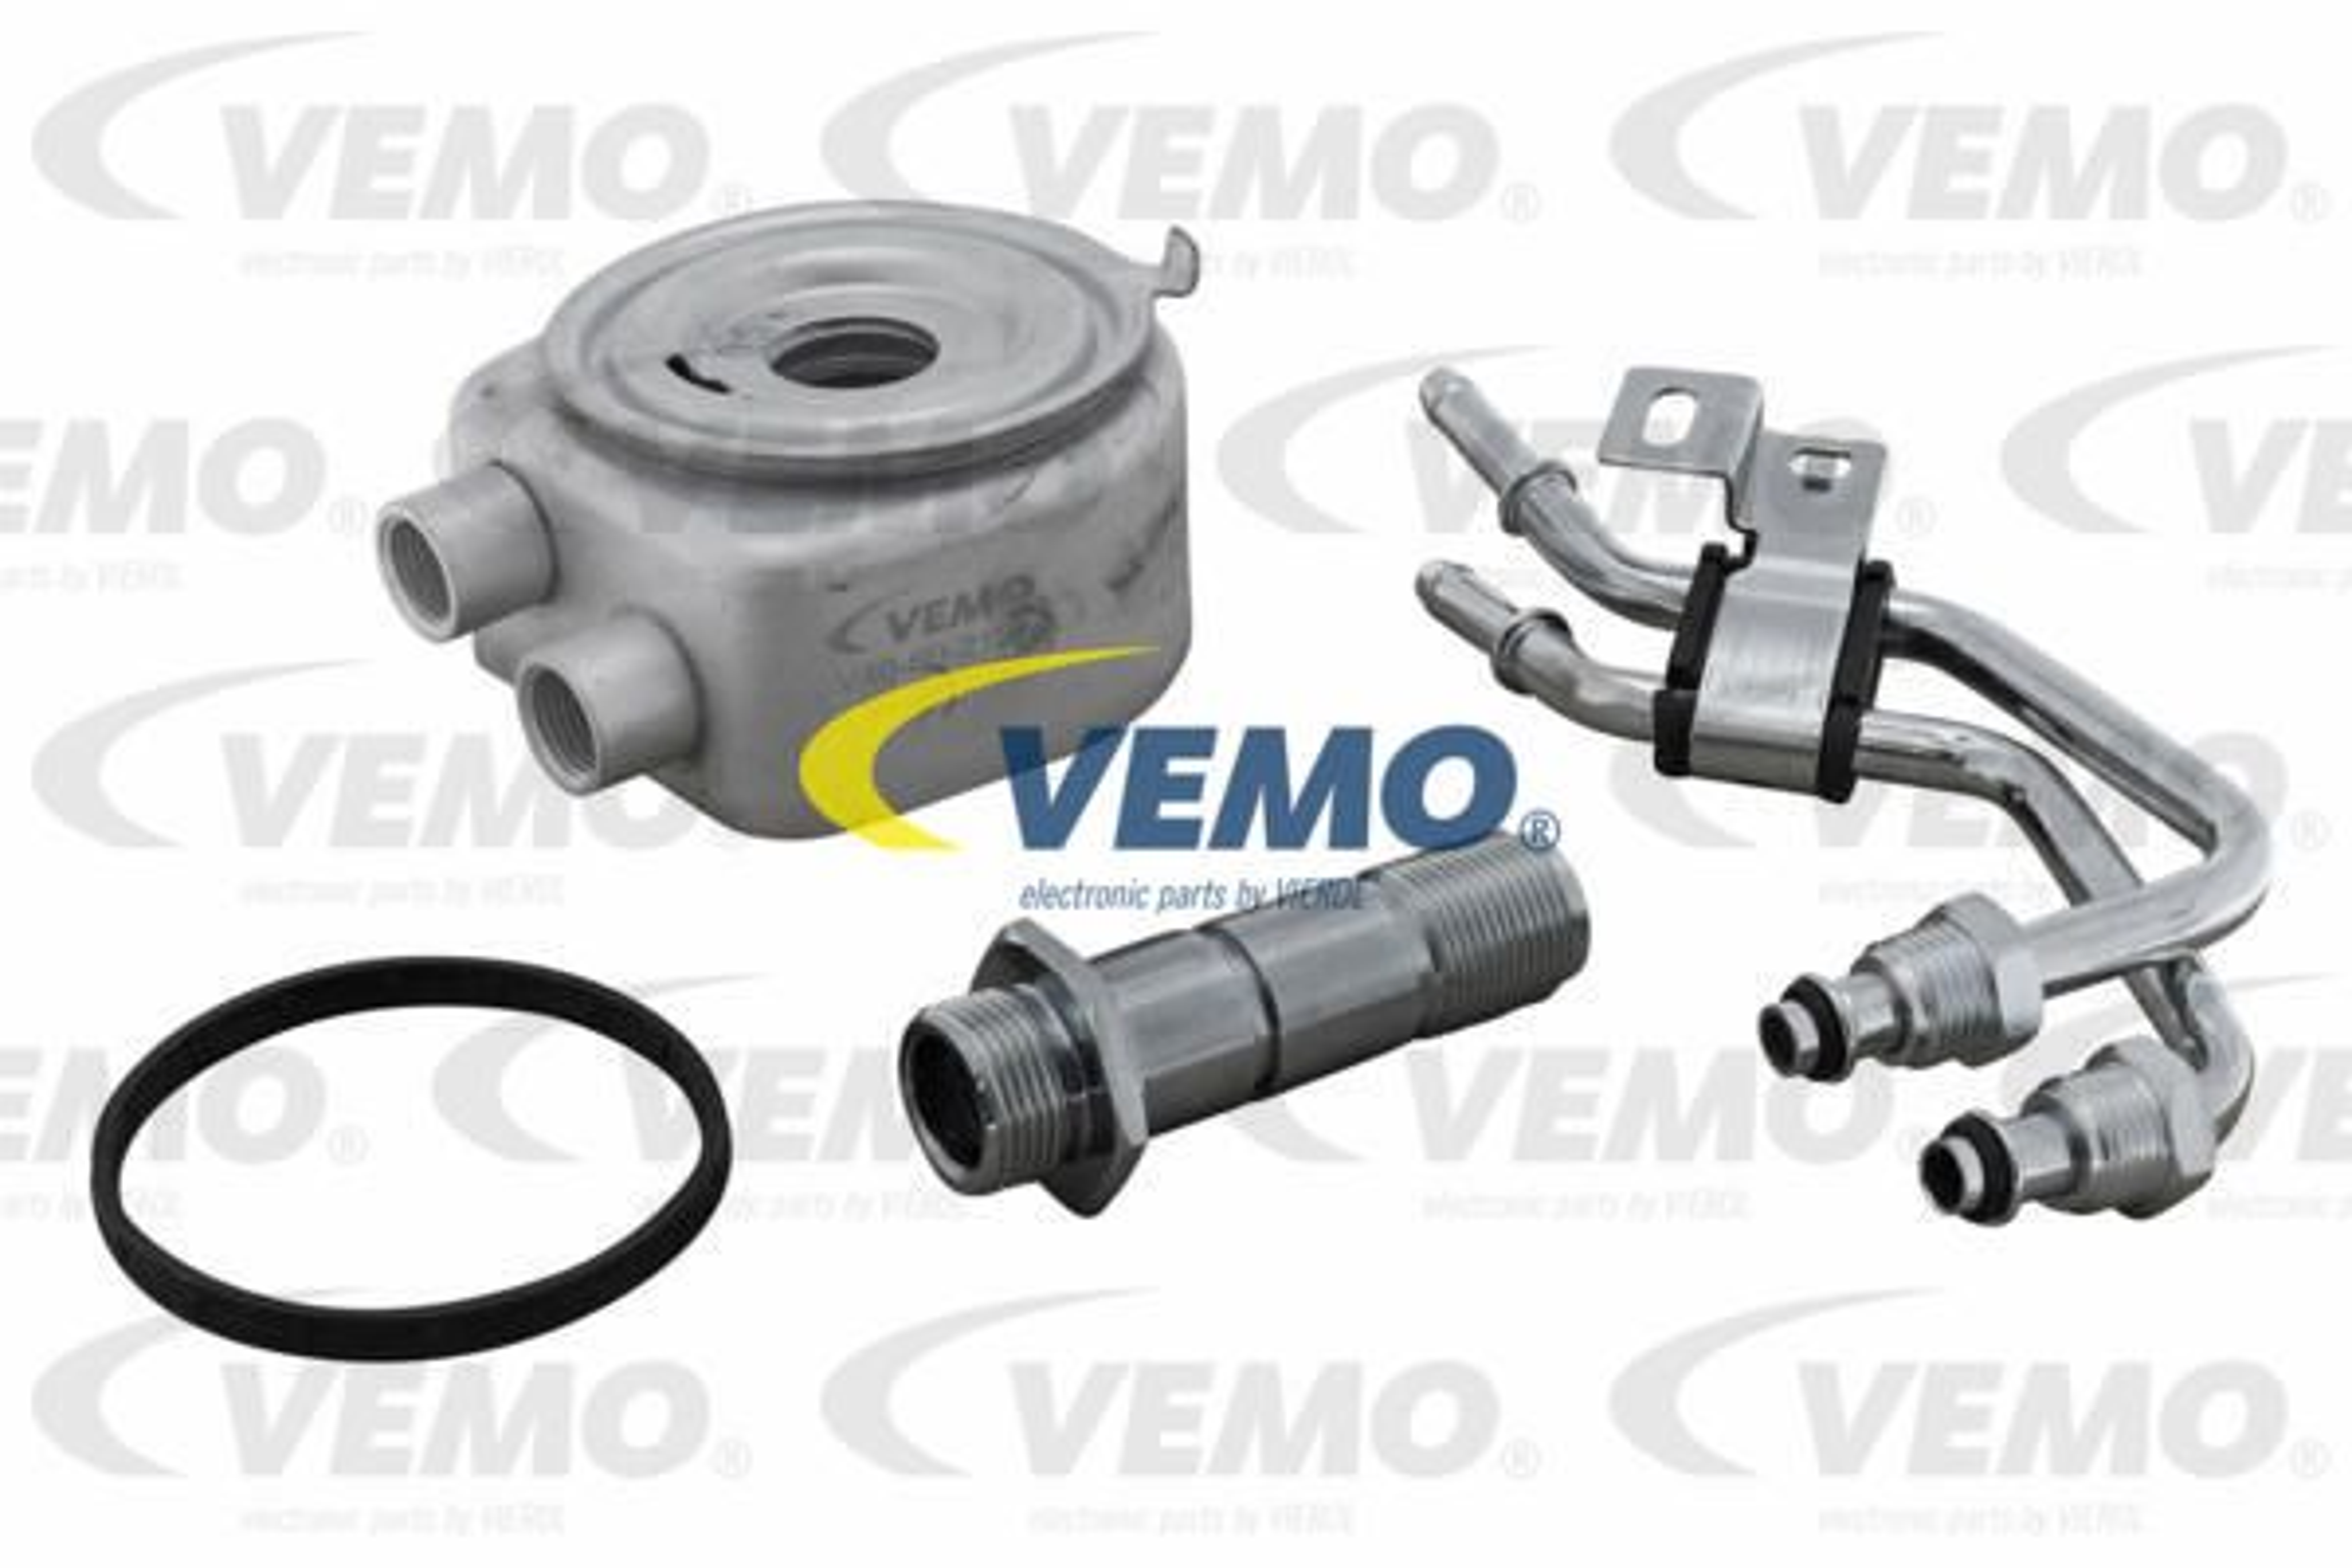 Ölkühler V40-60-2120 Opel INSIGNIA 2019